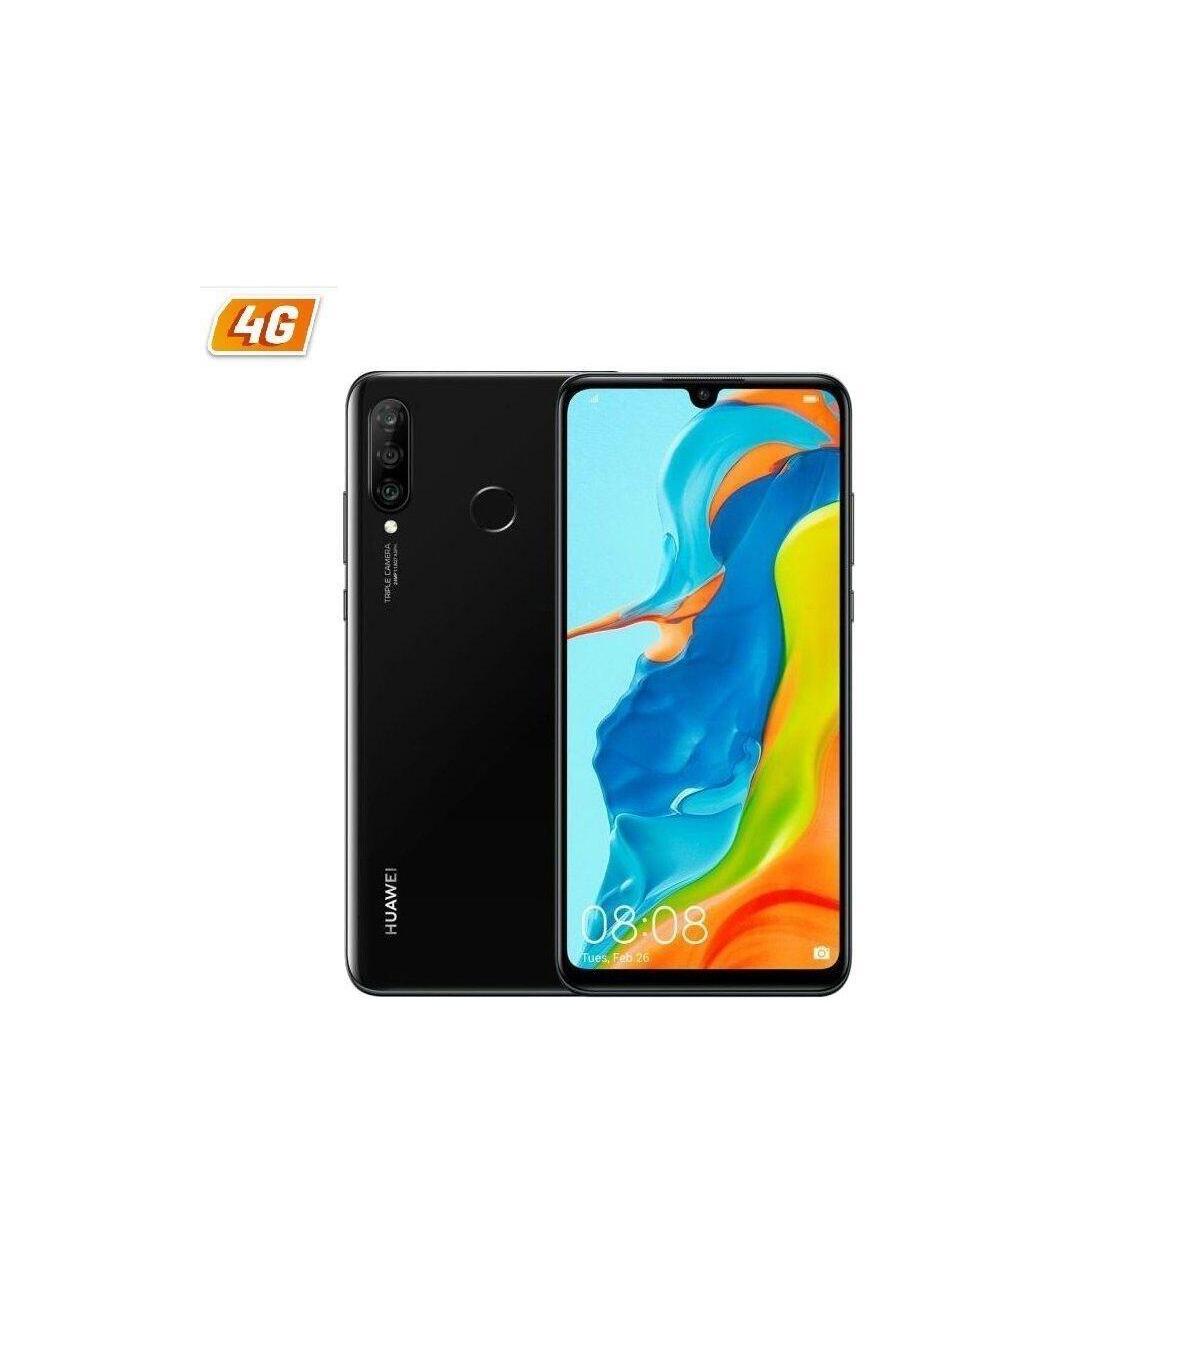 SMARTPHONE HUAWEI P30 LITE BLACK 6 15' CAM (48+8+2MP)/24MP